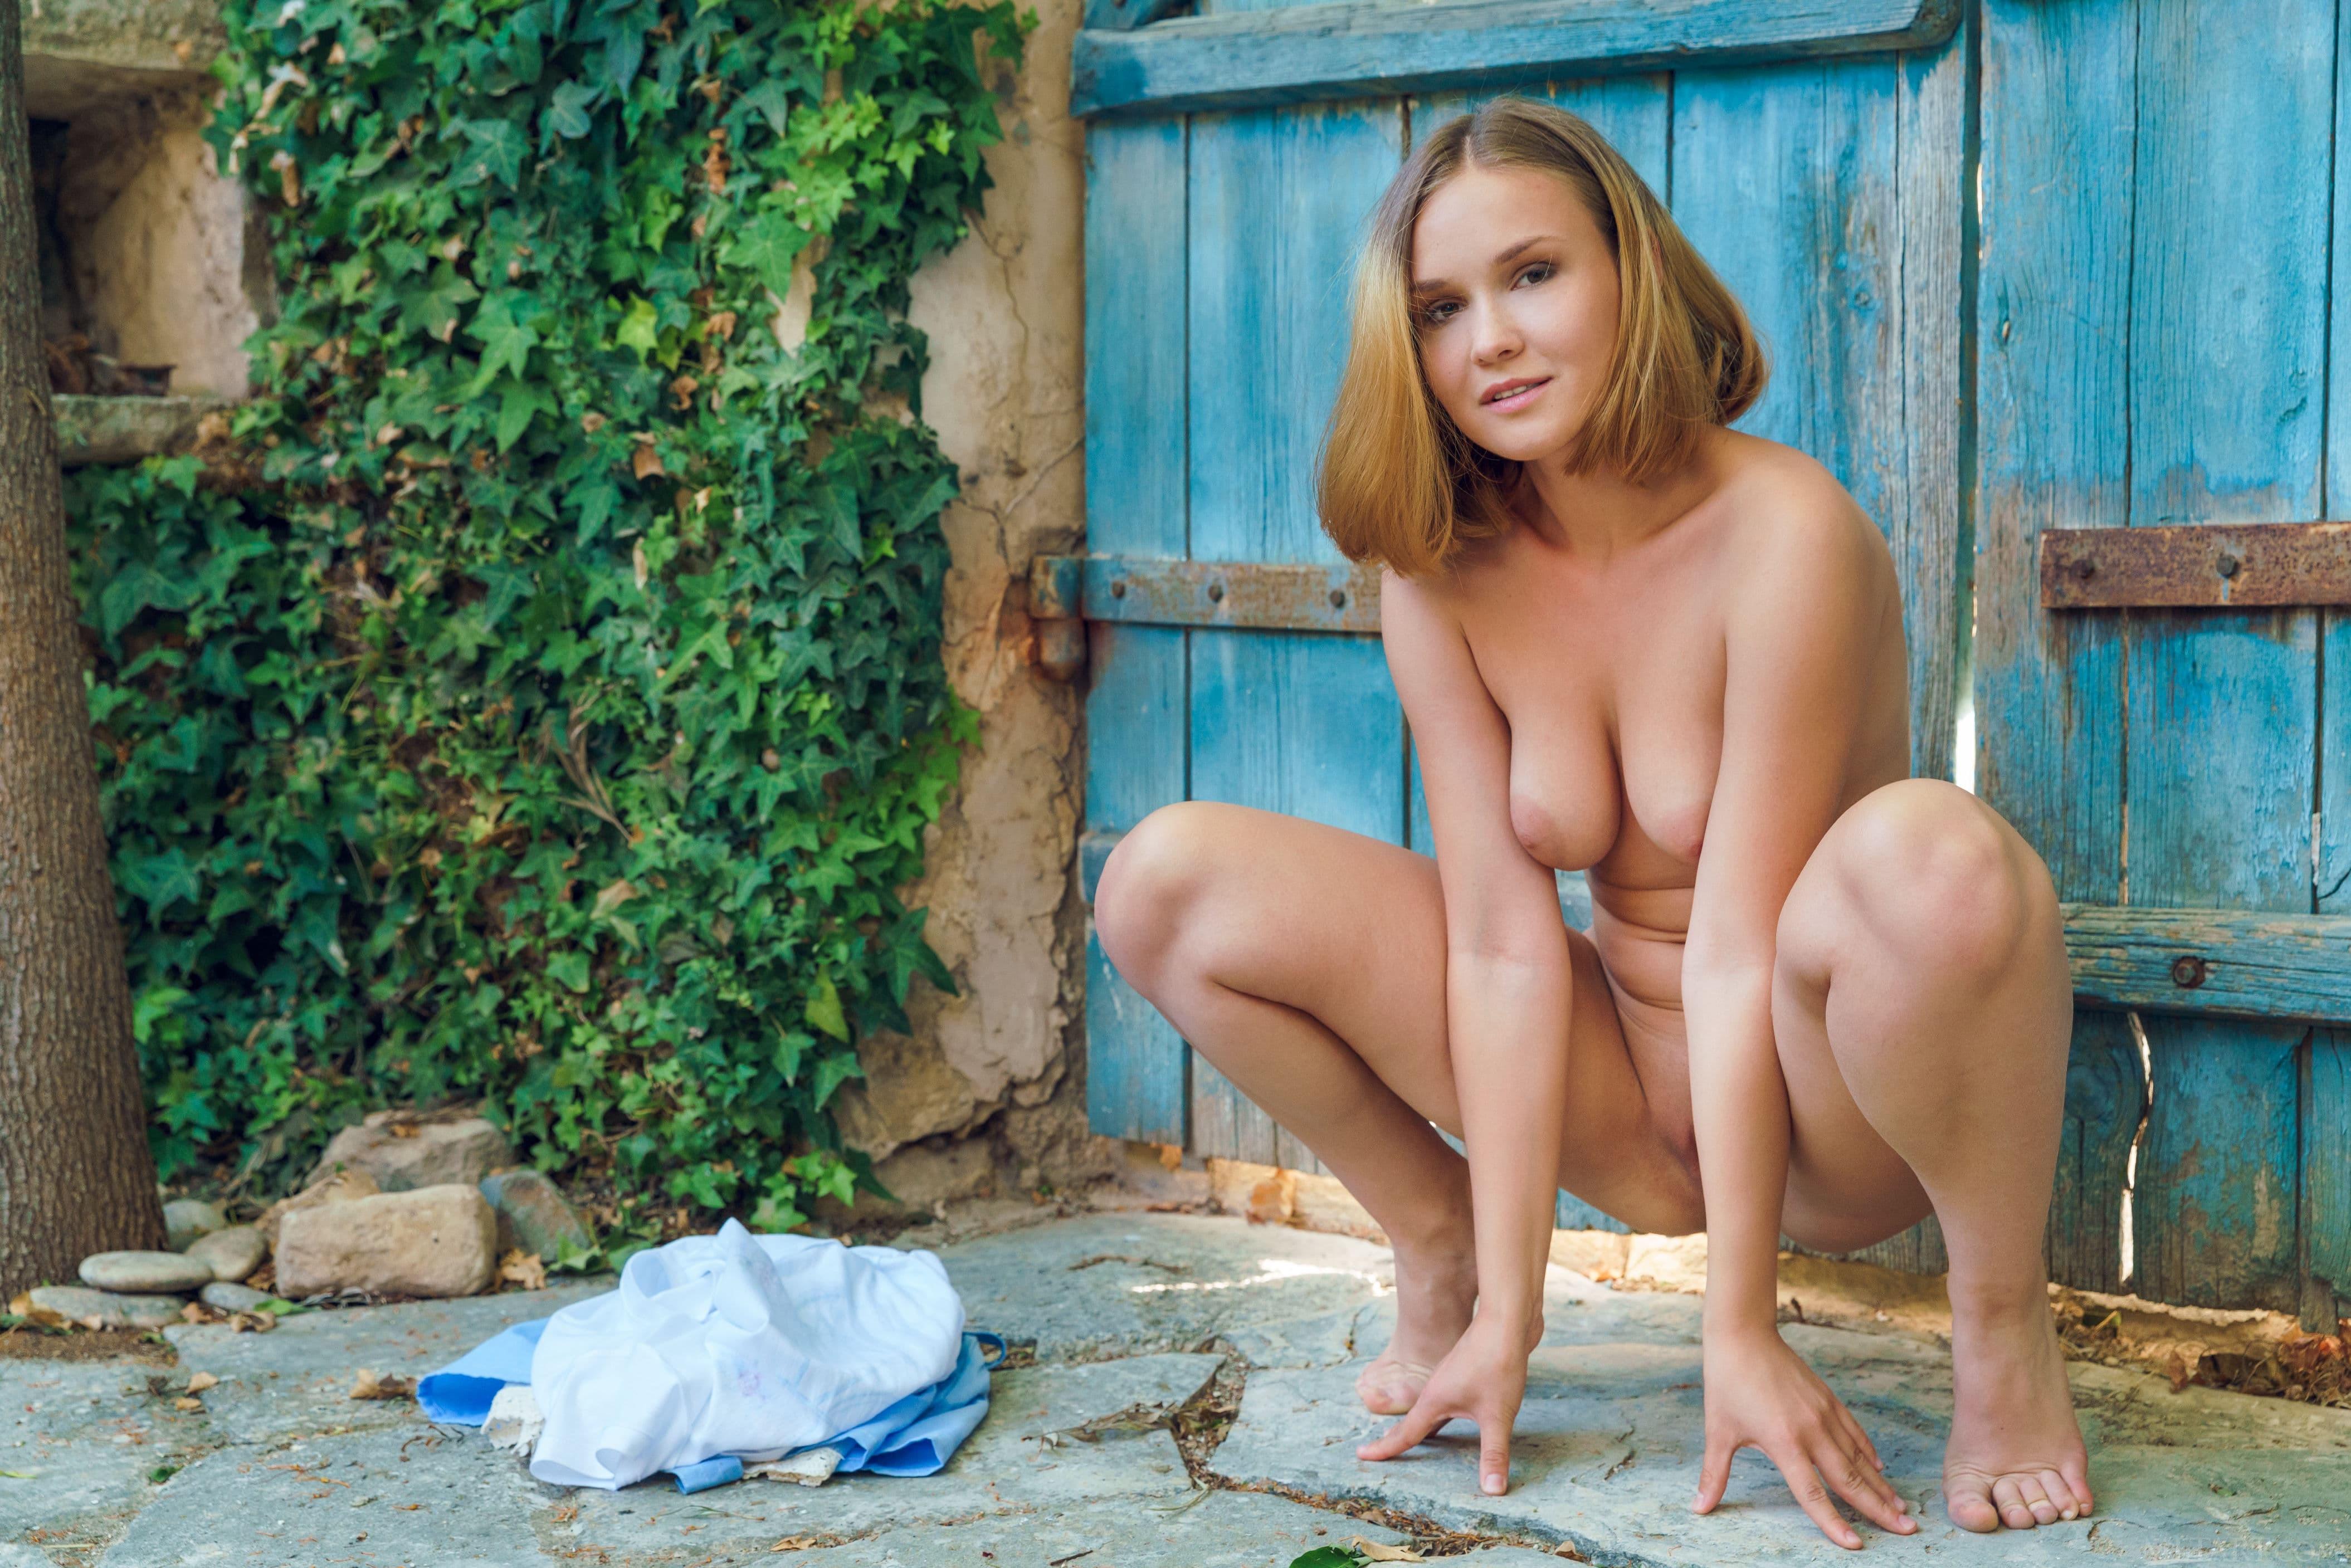 Деревенская девушка с красивой попкой - фото